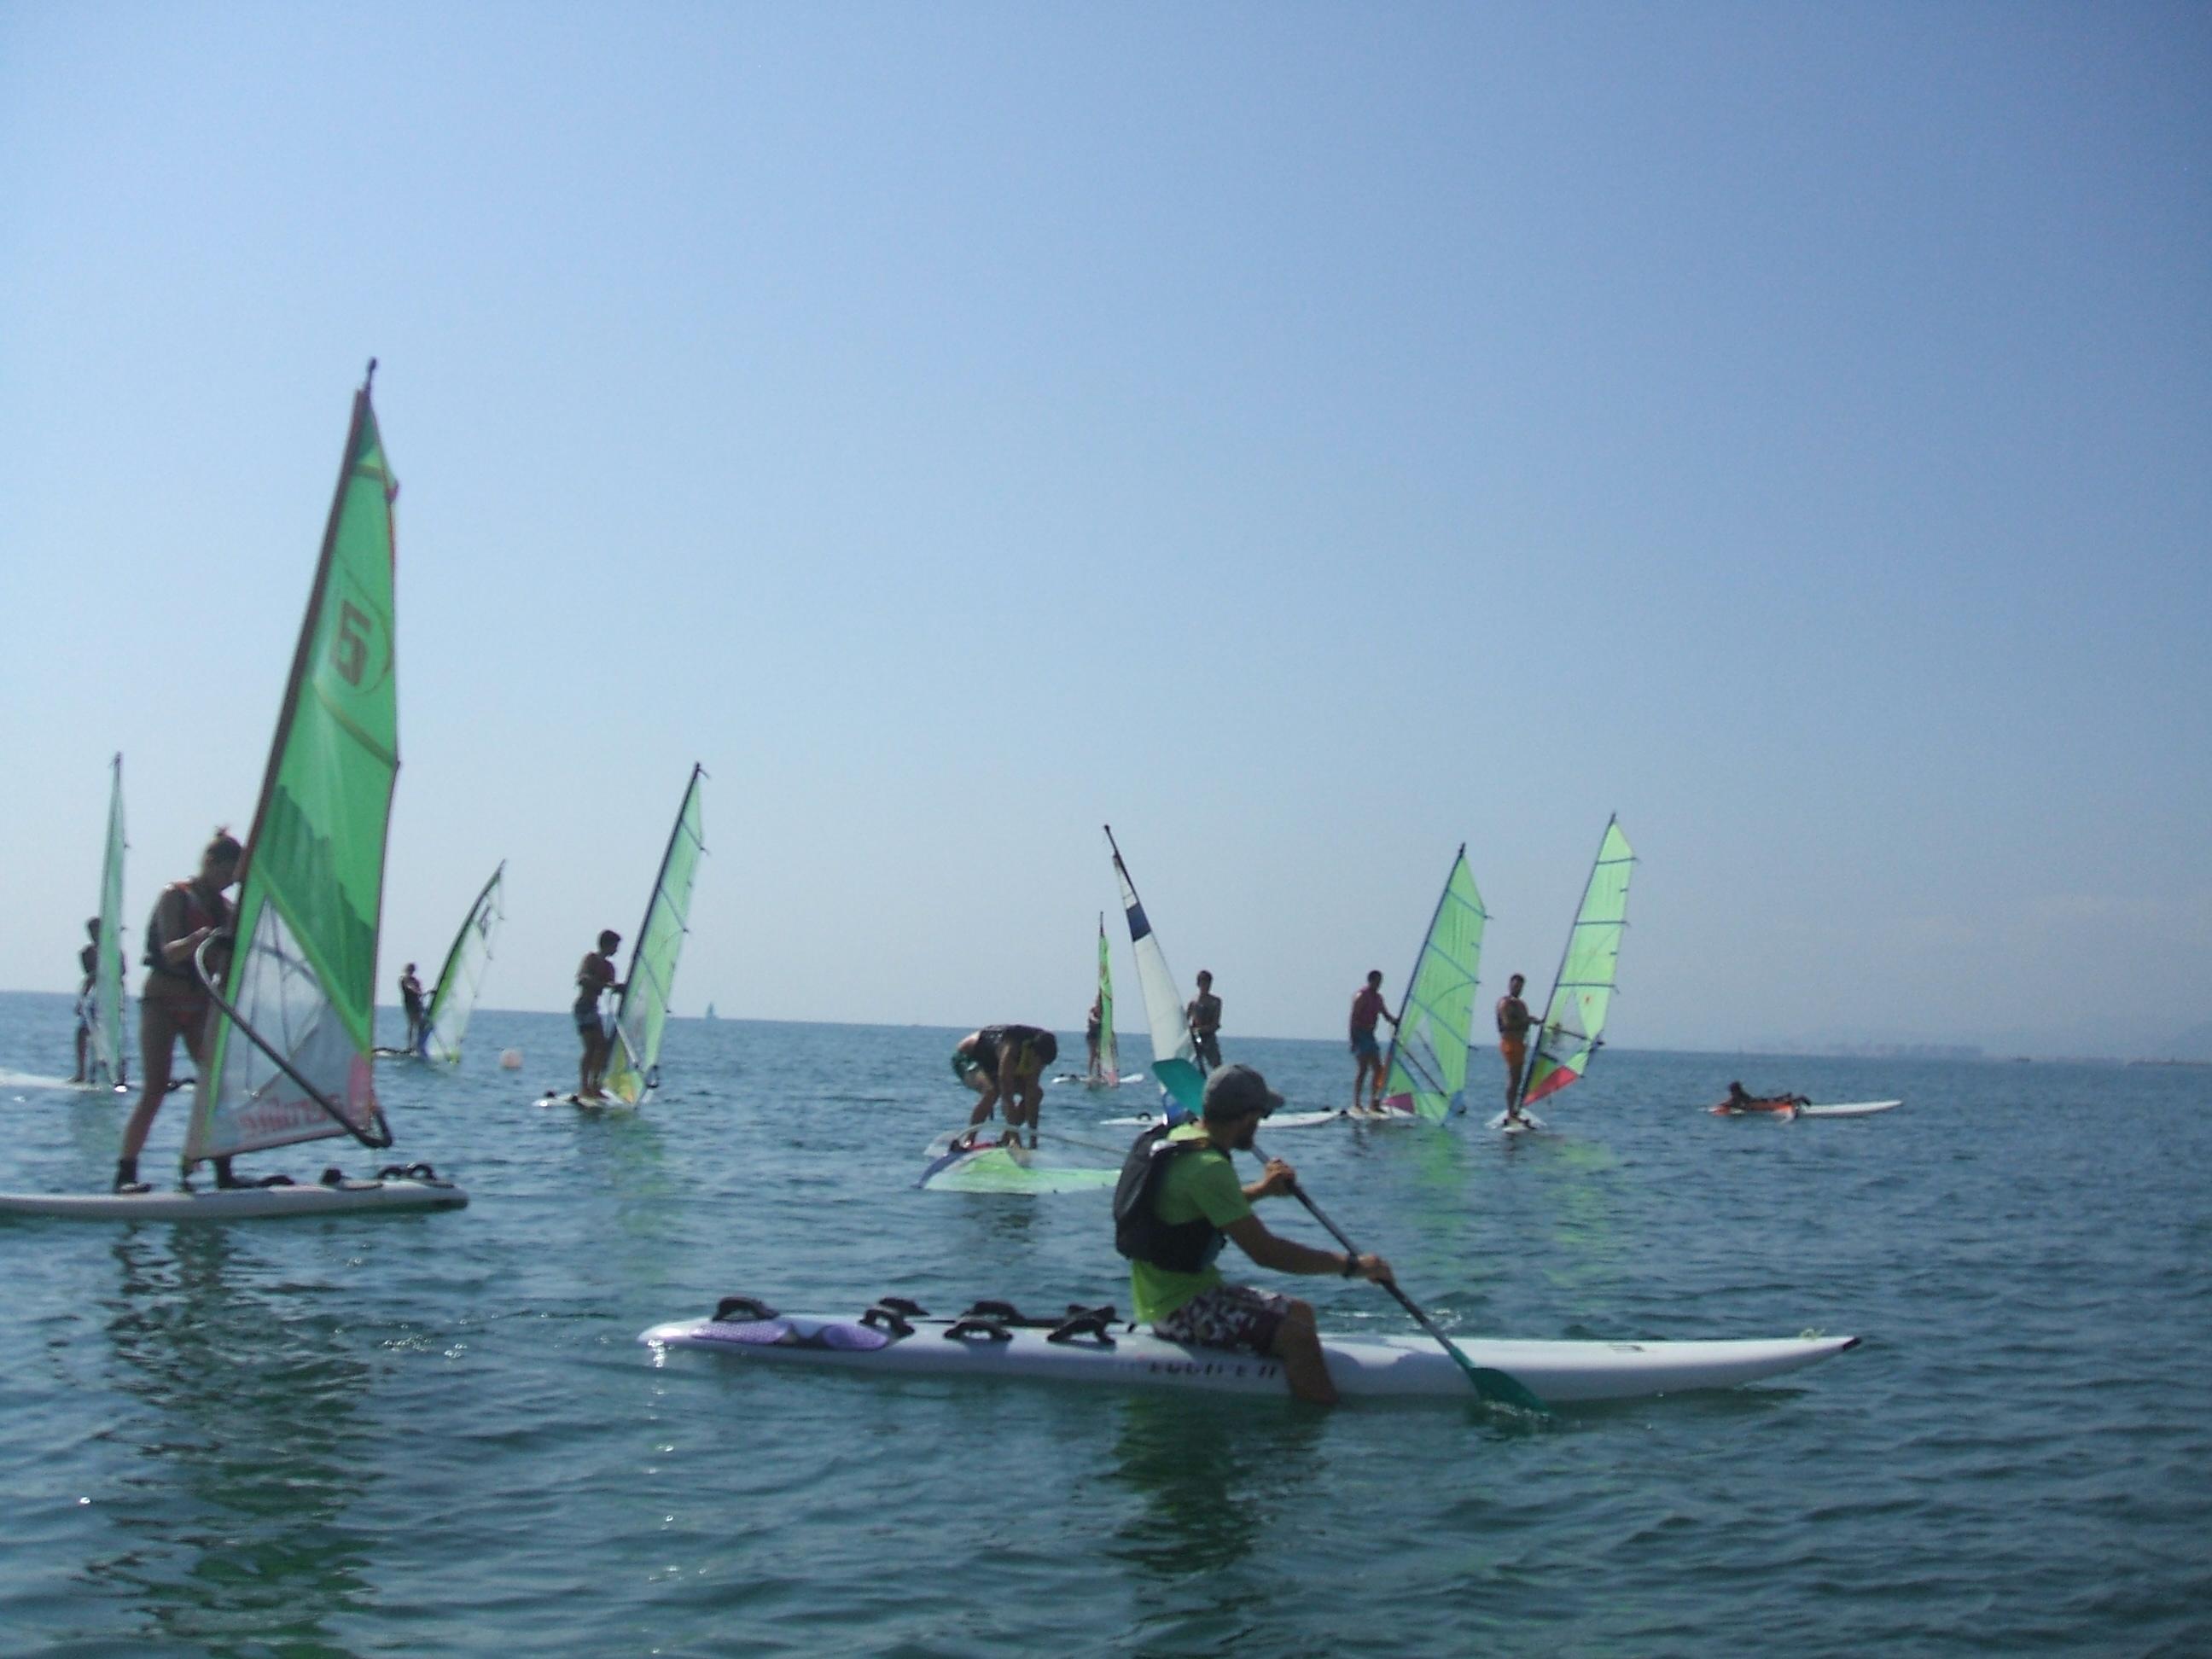 Clase de Windsurf, cullera, actividades náuticas